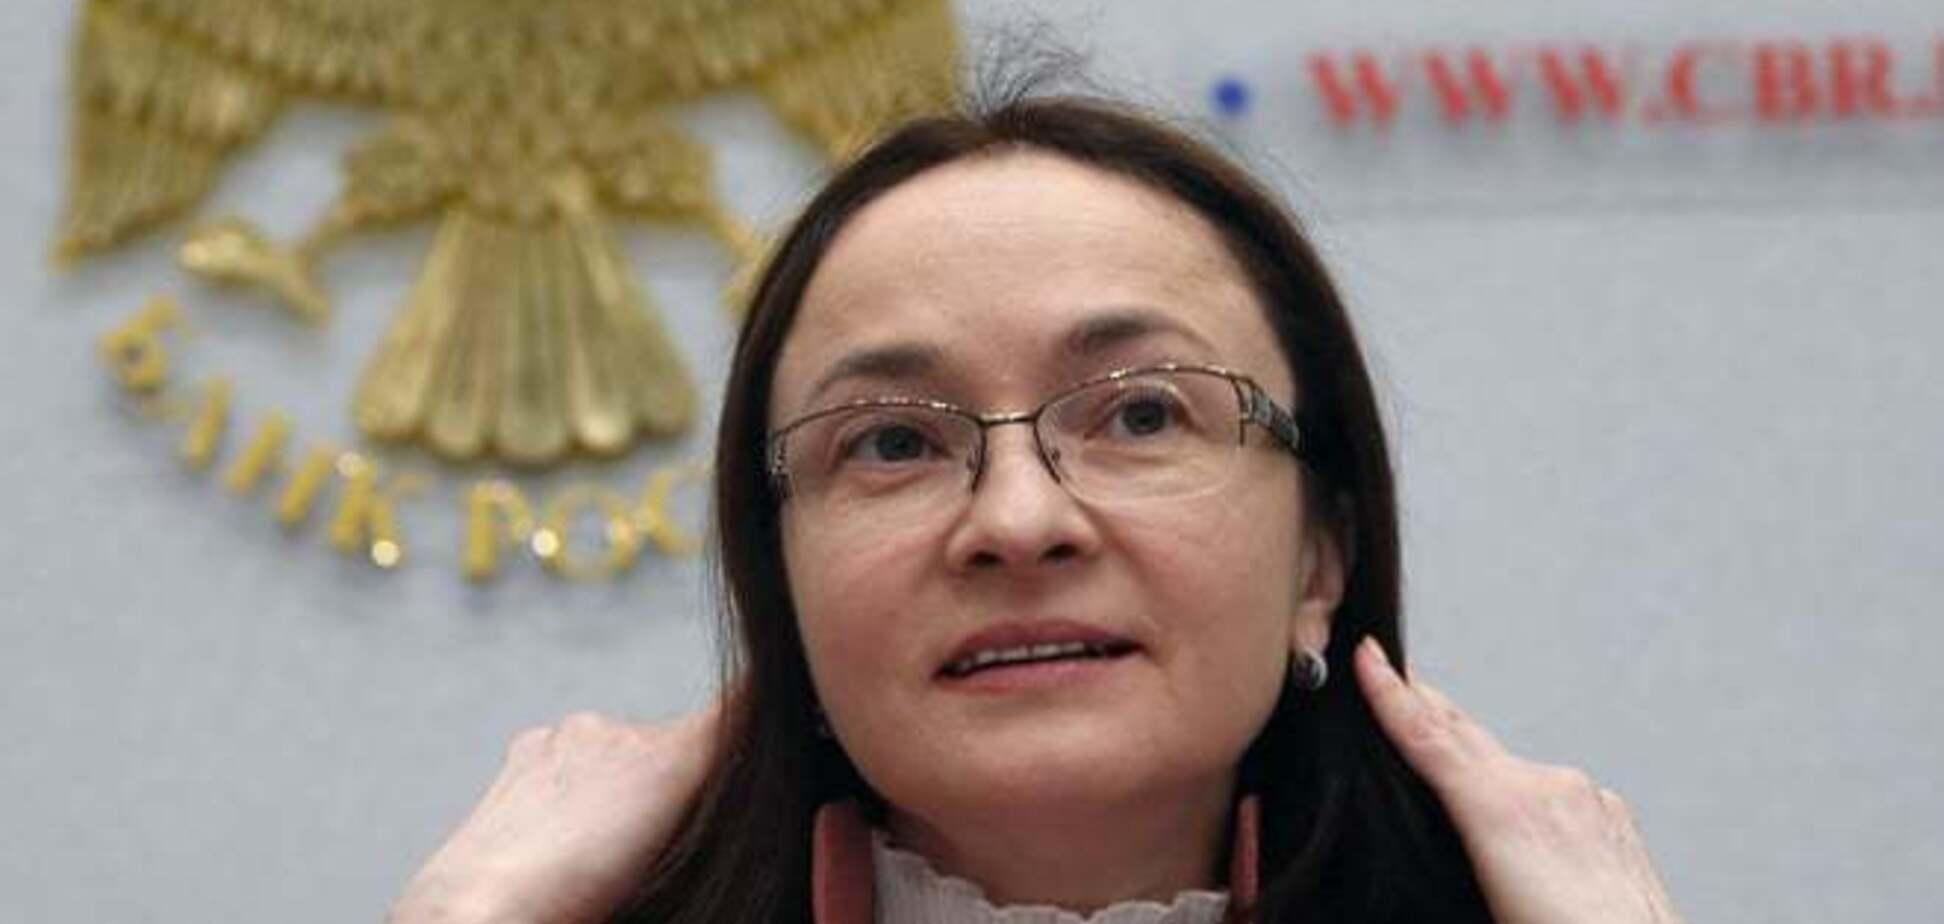 Катастрофическое падение: прибыль банков России рухнула в 15 раз